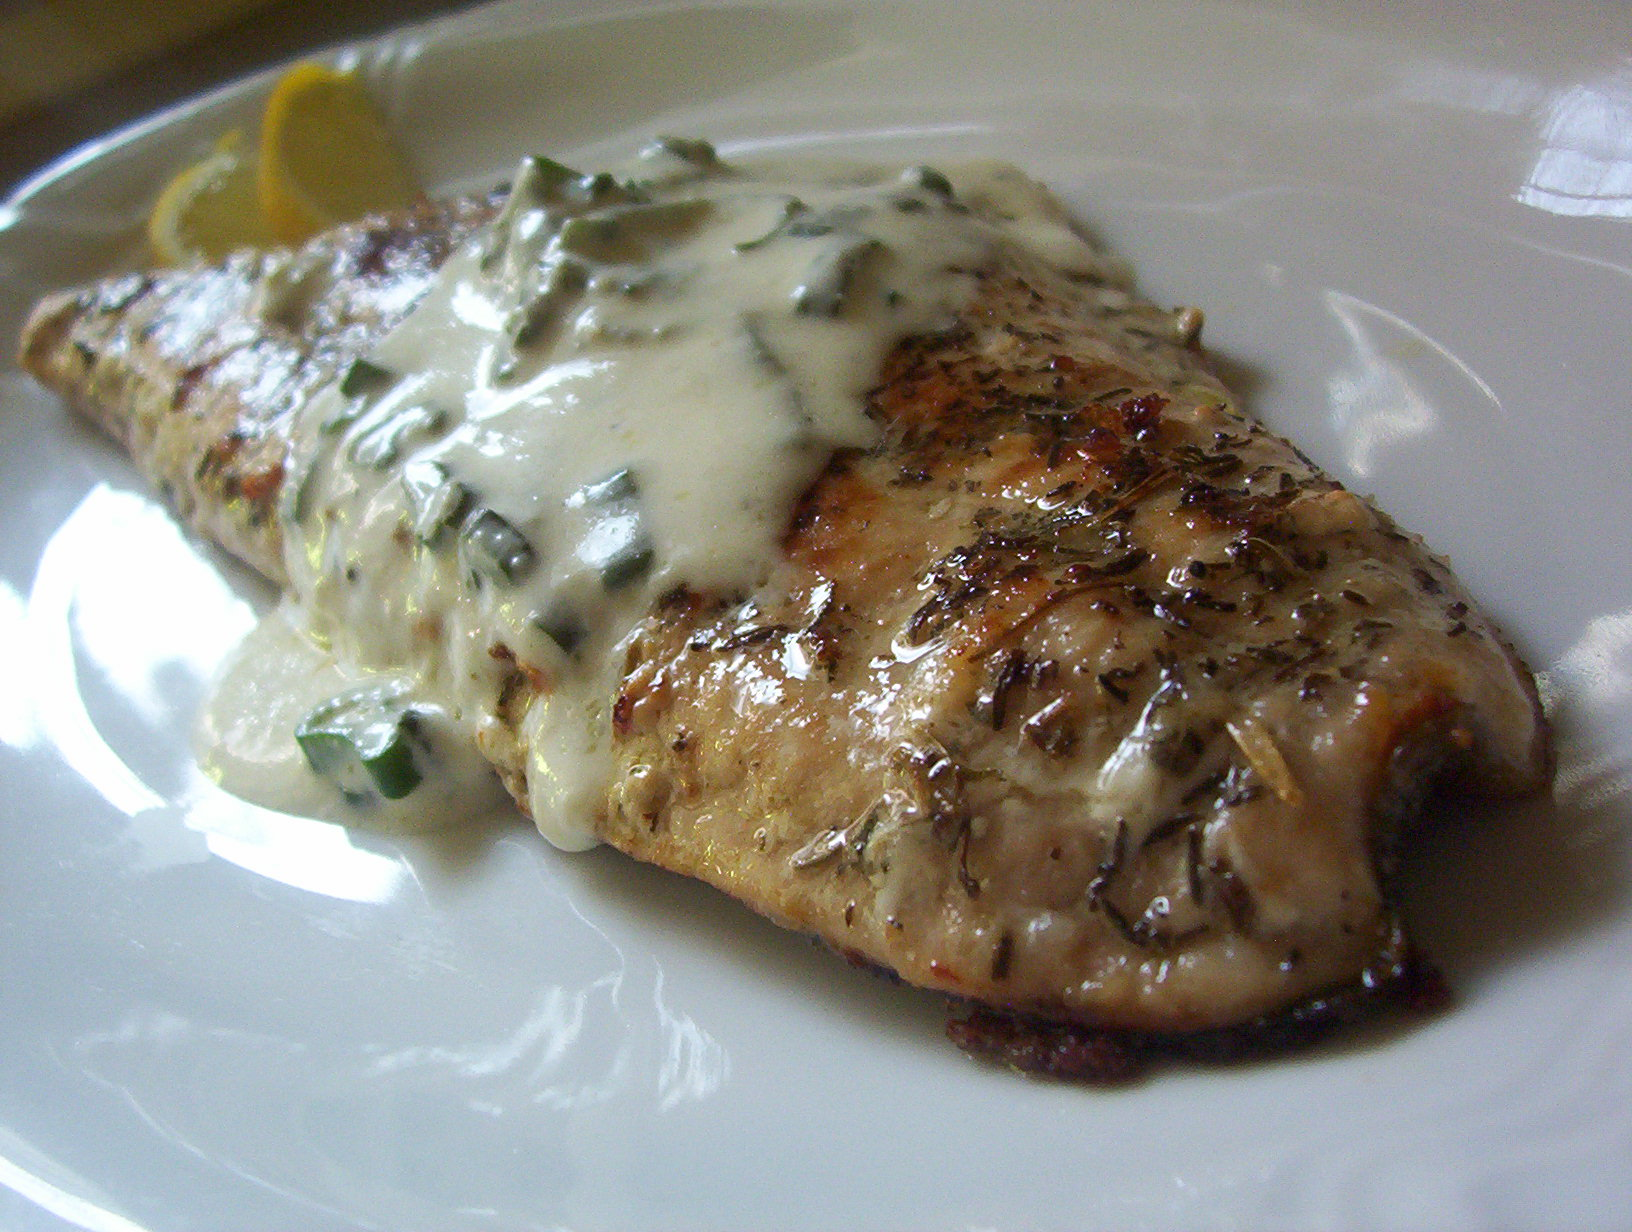 Fotografie receptu: Křupavý losos se smetanovým přelivem